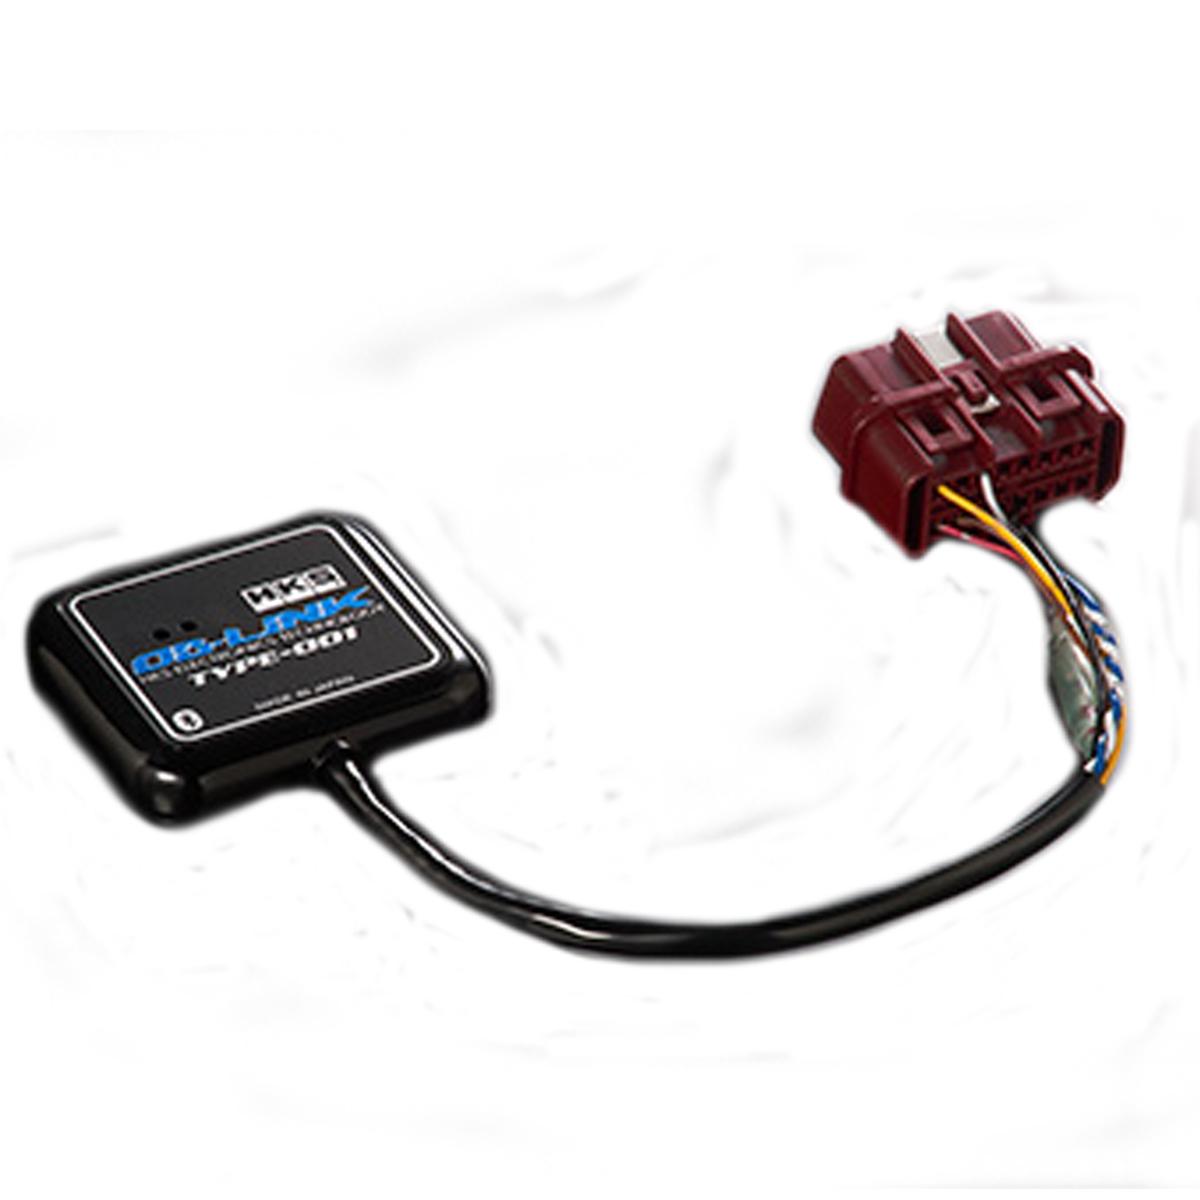 ブルーバード モニター OBリンク タイプ 001 QU14 HKS 44009-AK002 エレクトリニクス